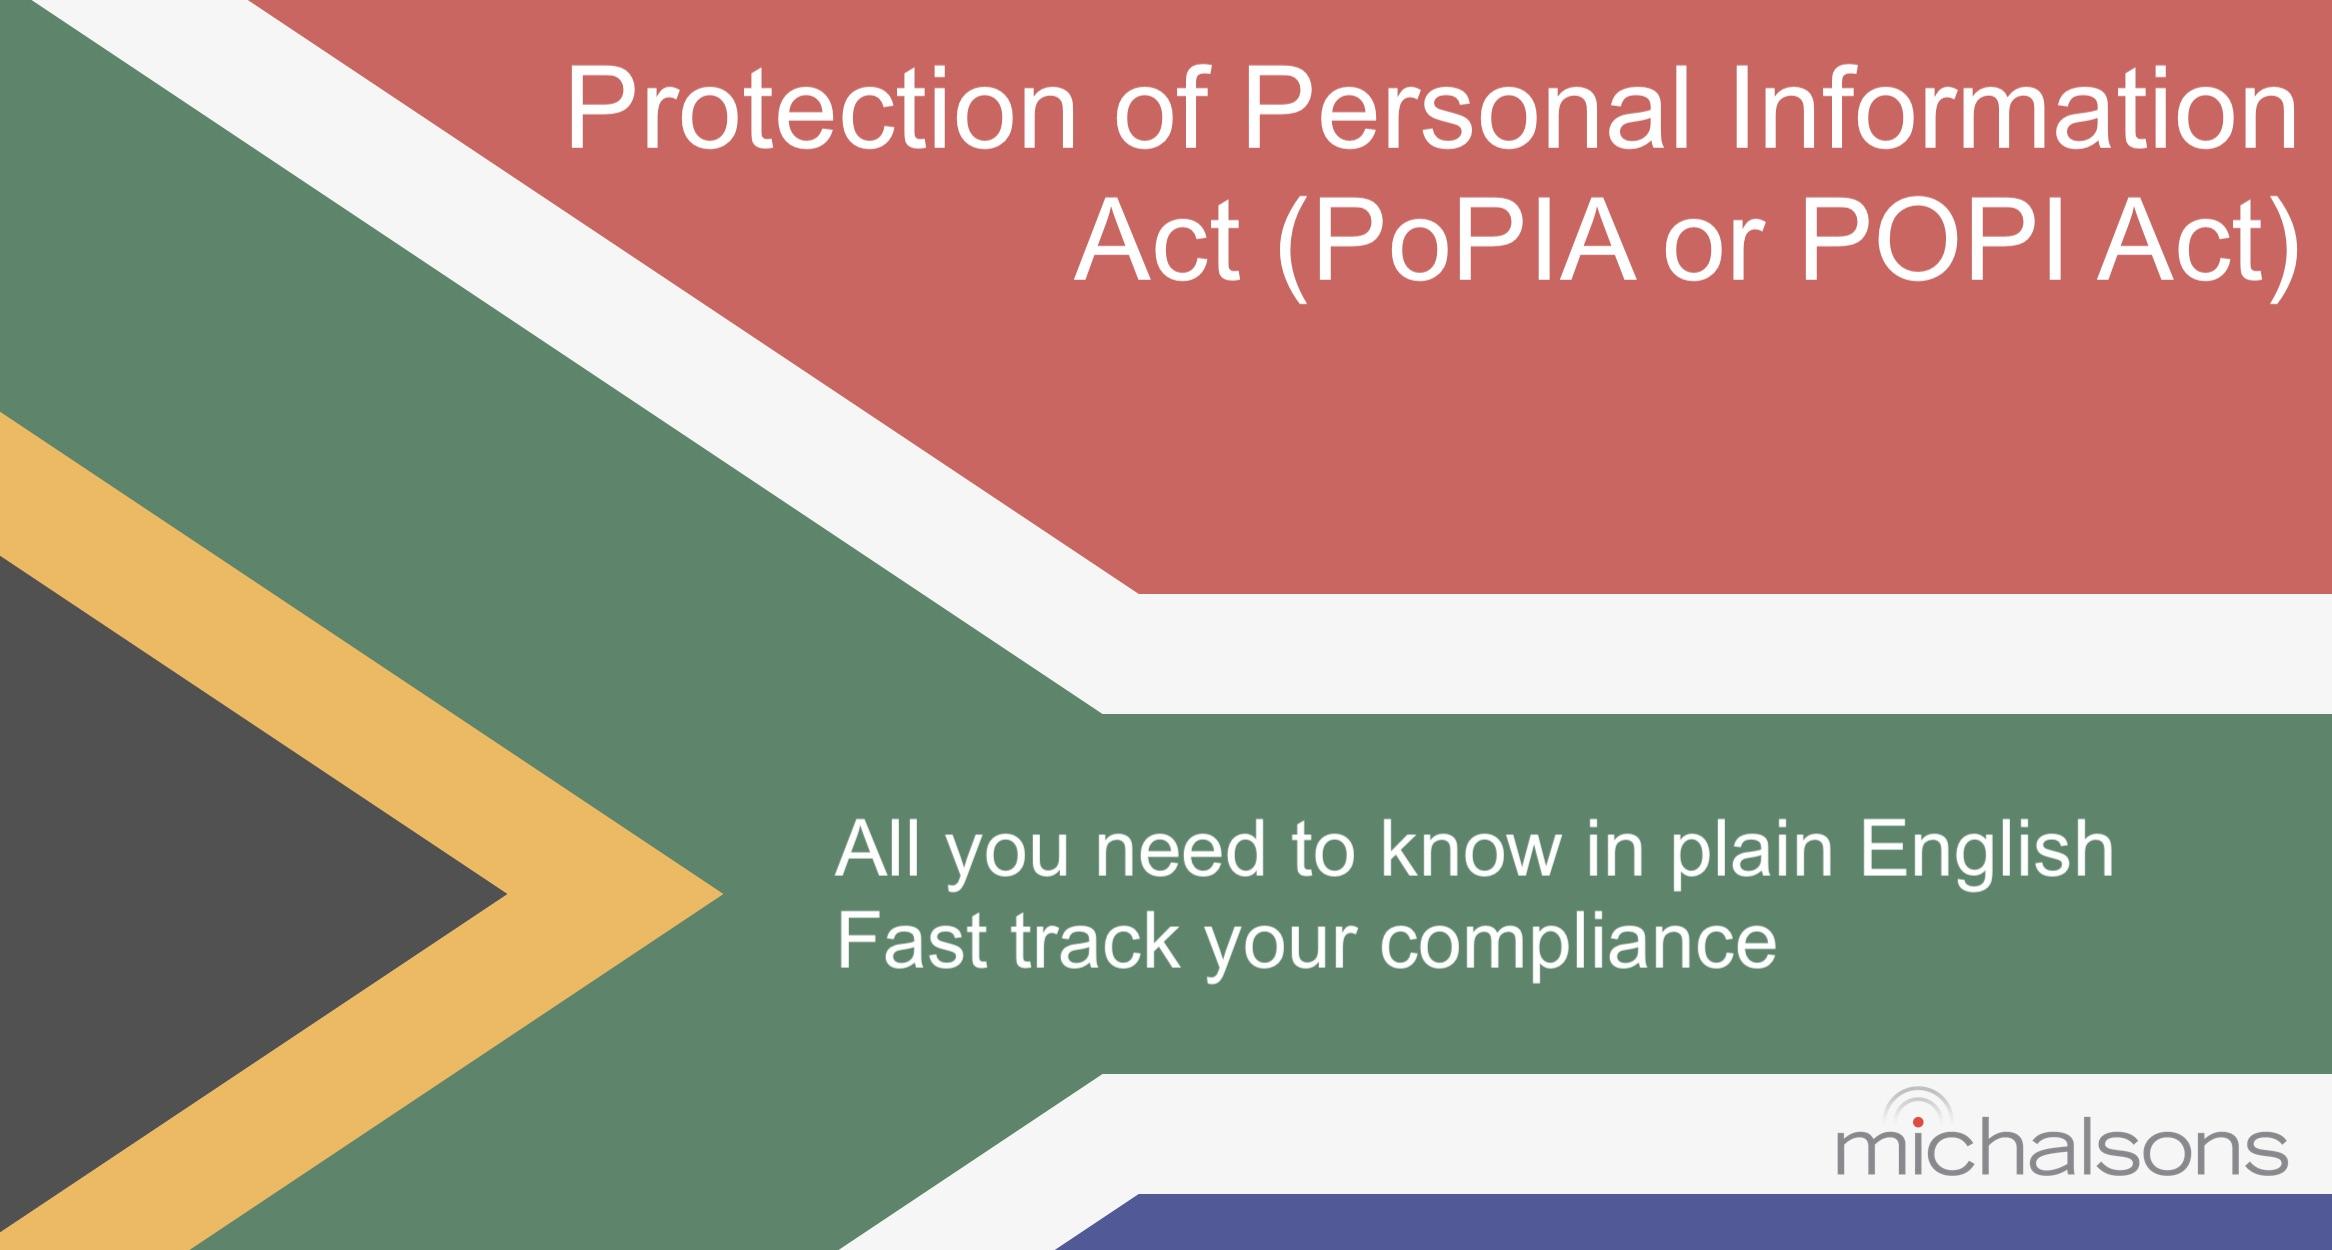 Popi Act Summary In Plain Language